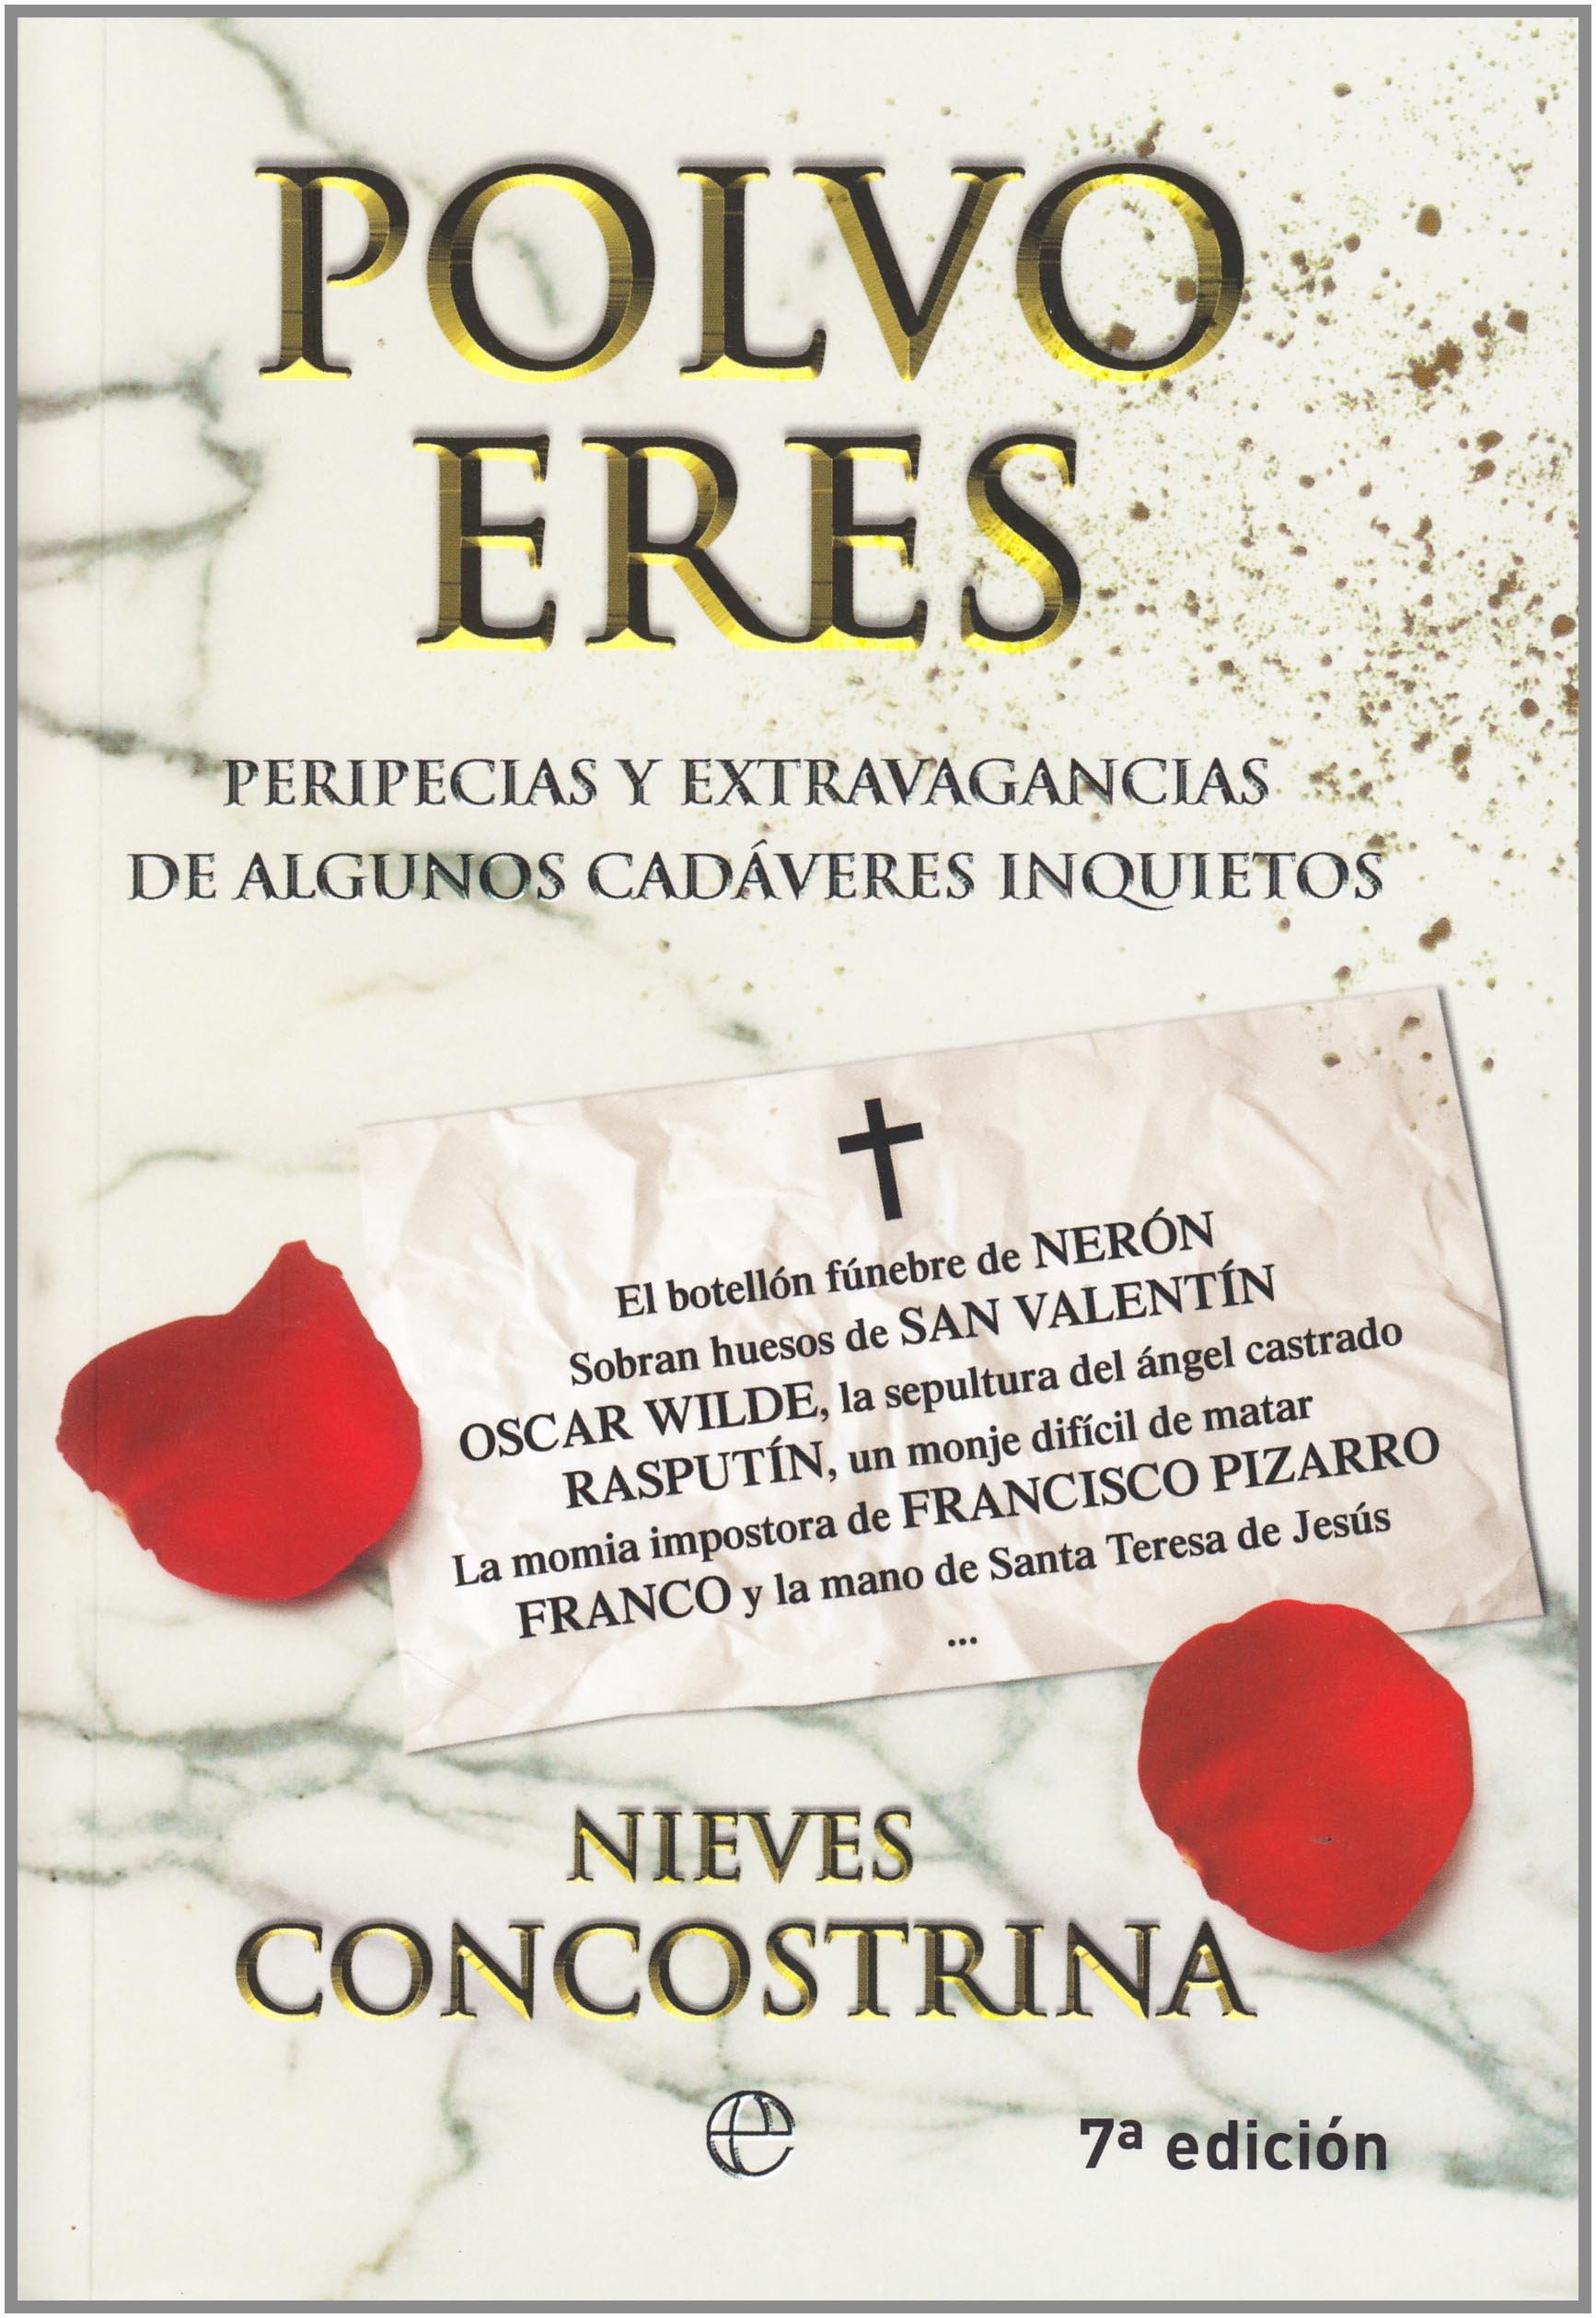 Polvo eres (rustica) Tapa blanda – 3 abr 2009 Nieves Concostrina La Esfera De Los Libros S.L. 8497348222